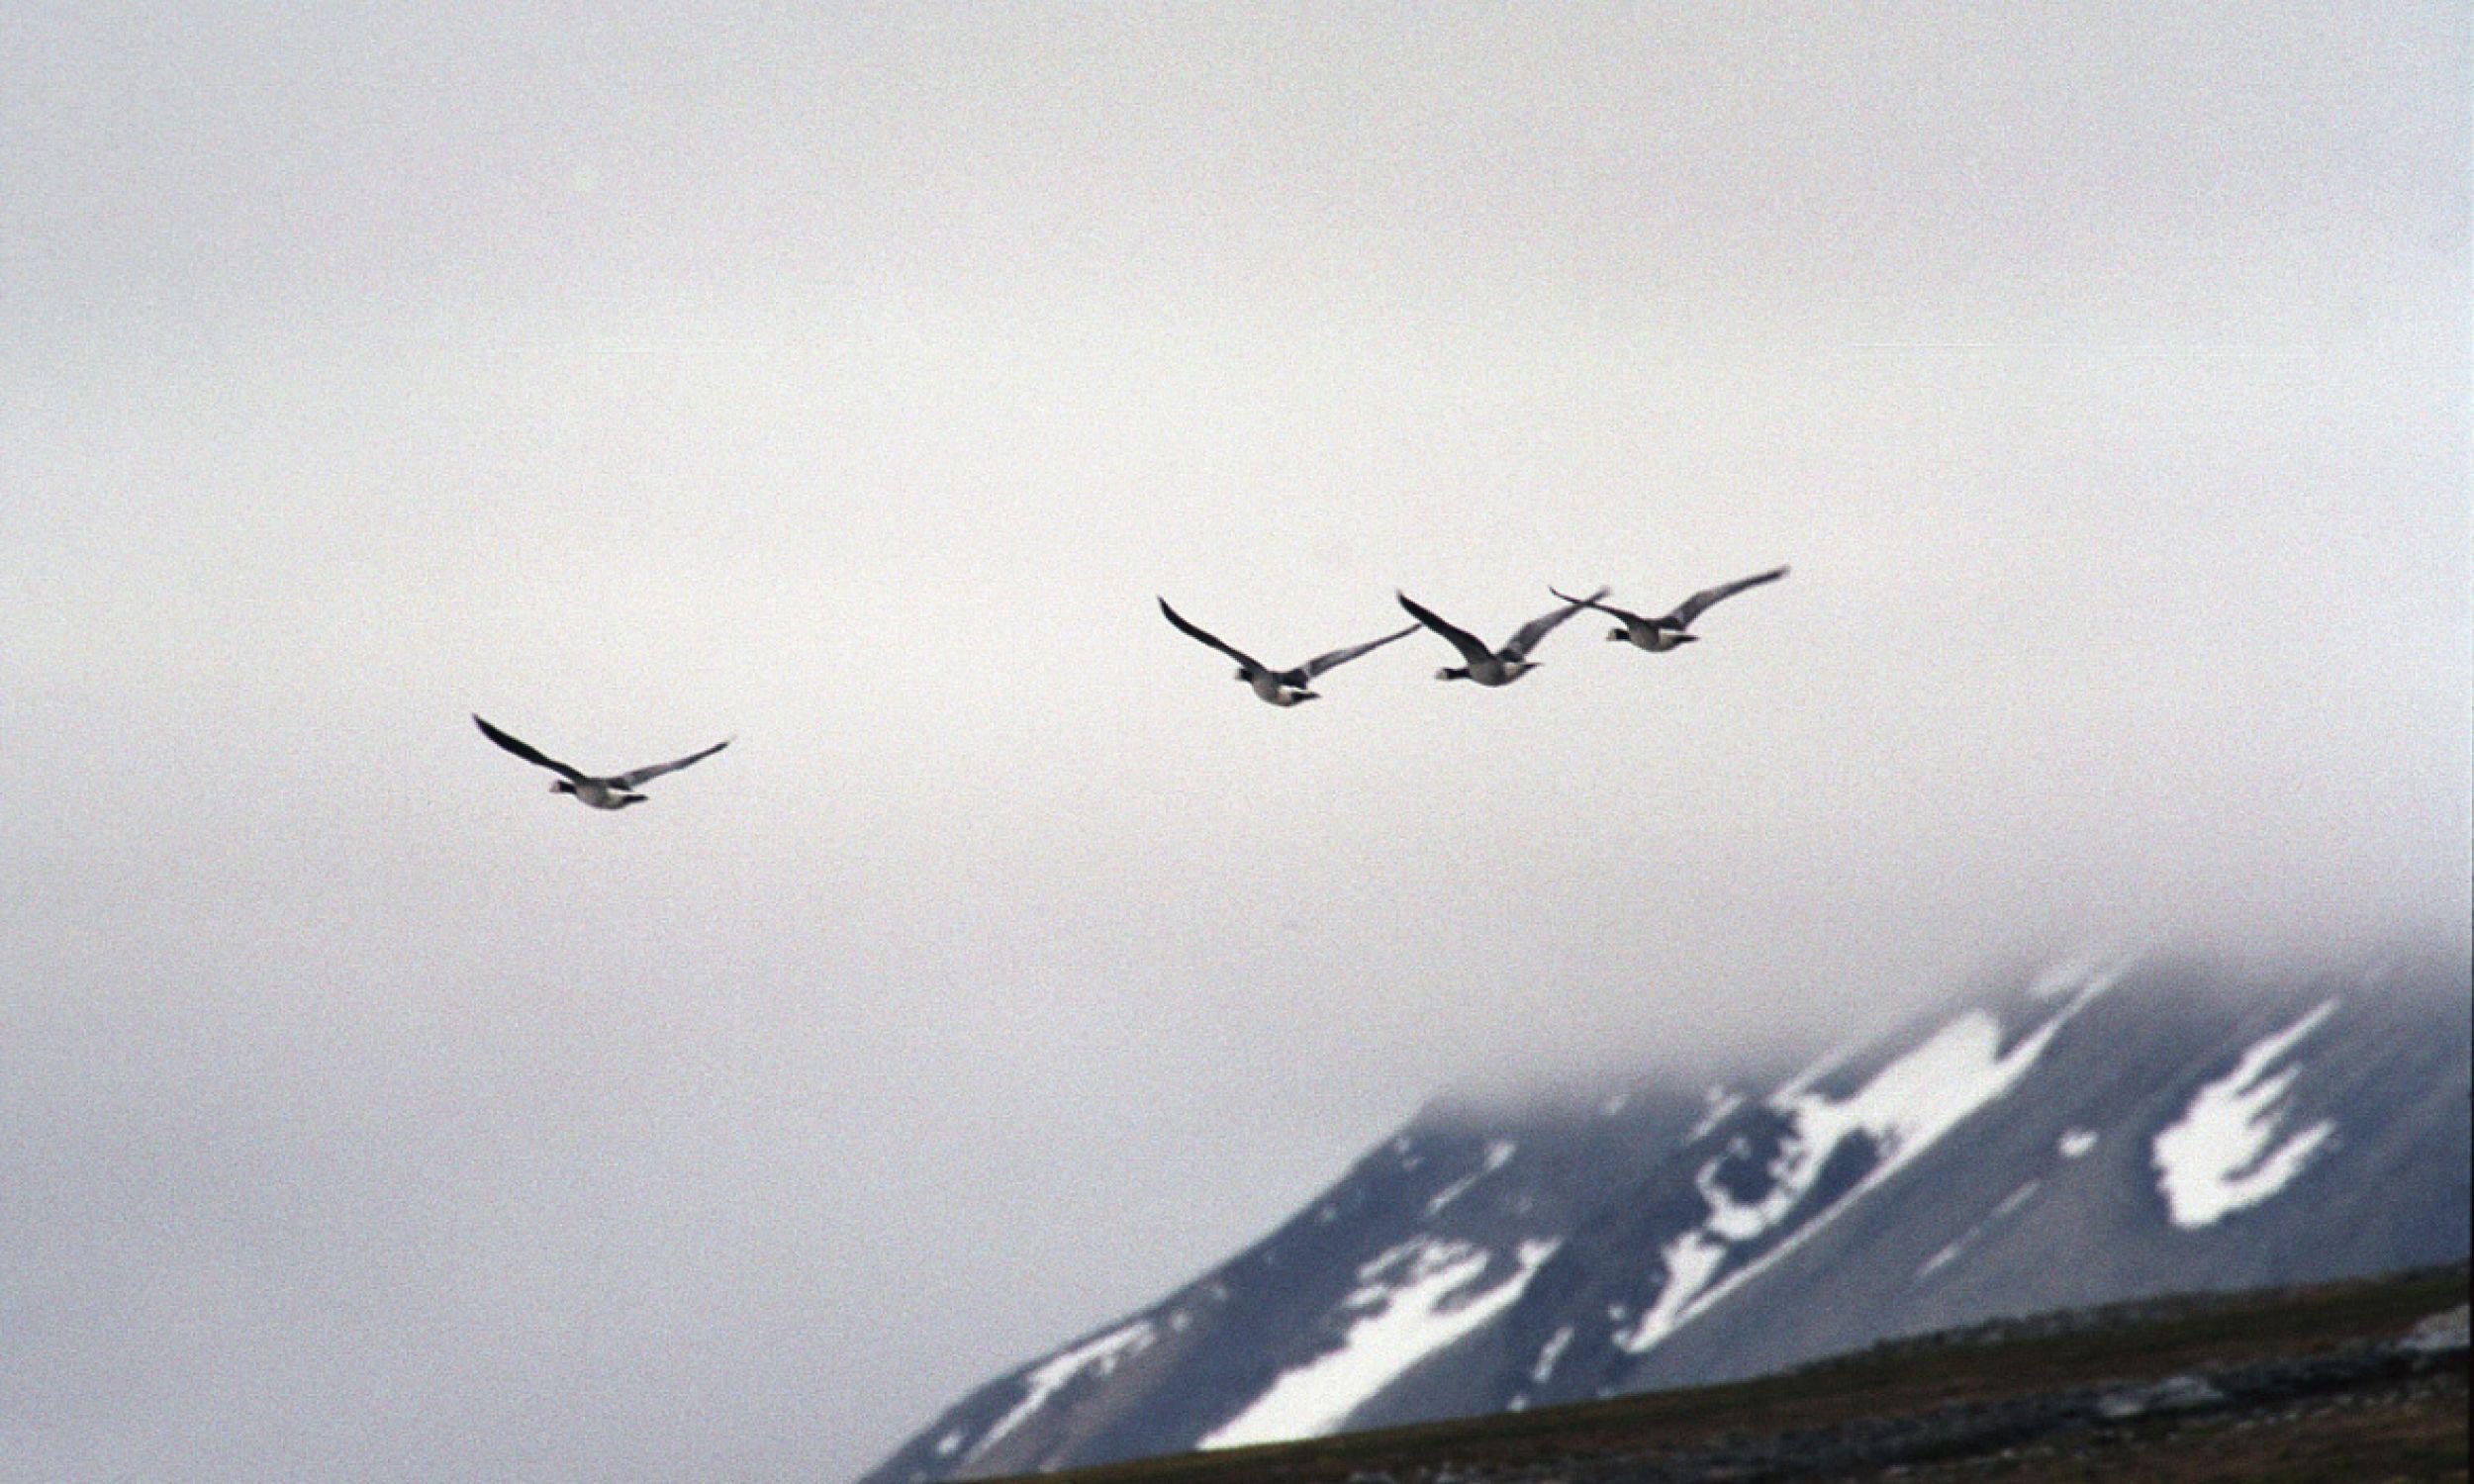 Bernikle białolice to jedne z ptaków migrujących na największych wysokościach. Tu: na Spitsbergenie, w Svalbard. For. Wikimedia/Jerzy Strzelecki - Own work, CC BY-SA 3.0